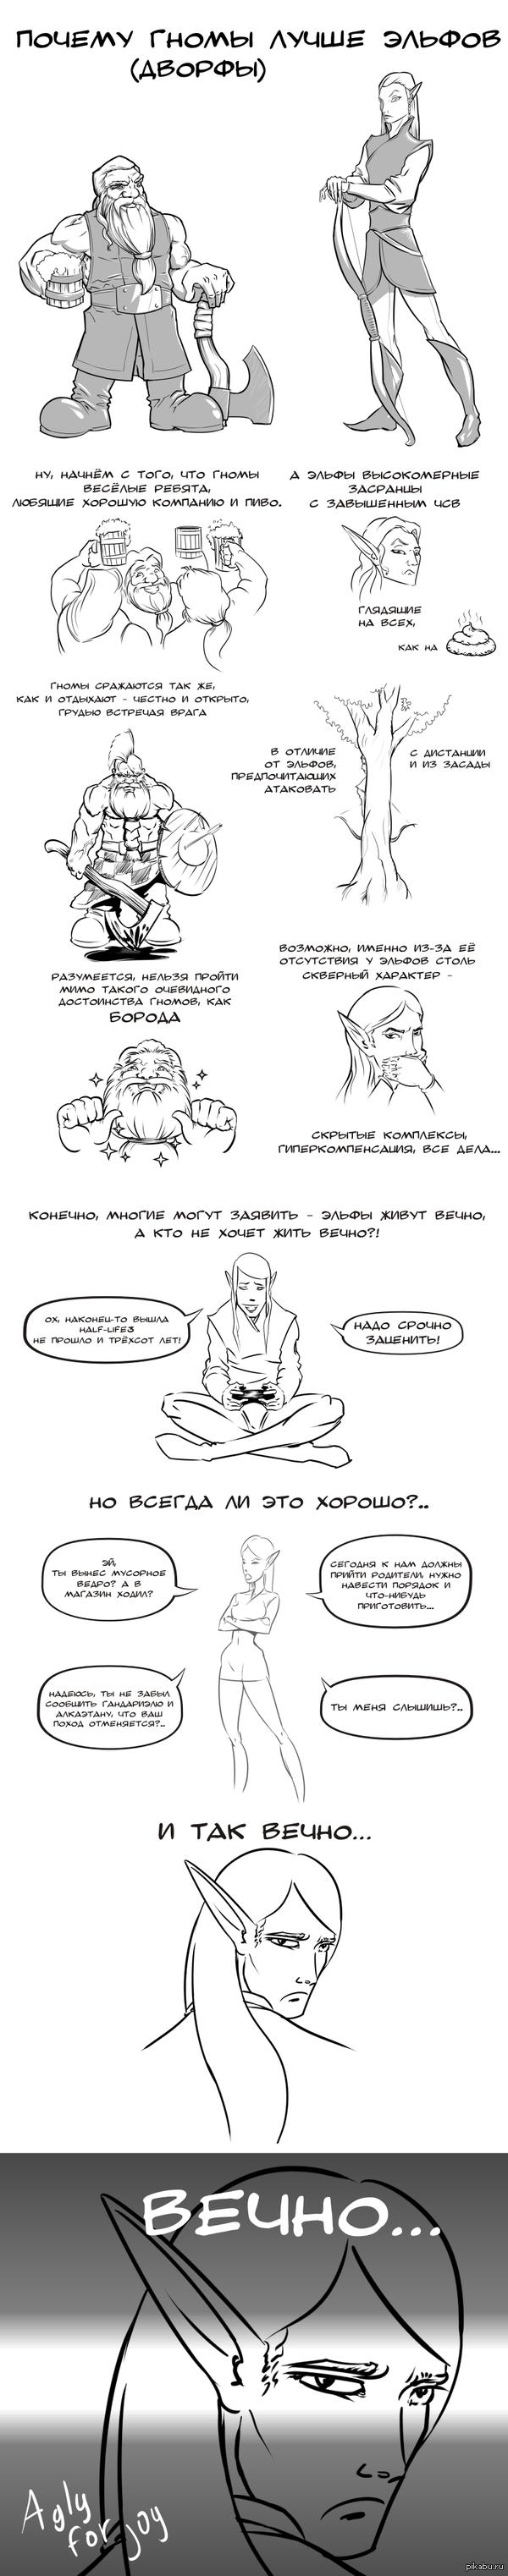 http://s7.pikabu.ru/post_img/2014/07/12/9/1405176545_590174699.png